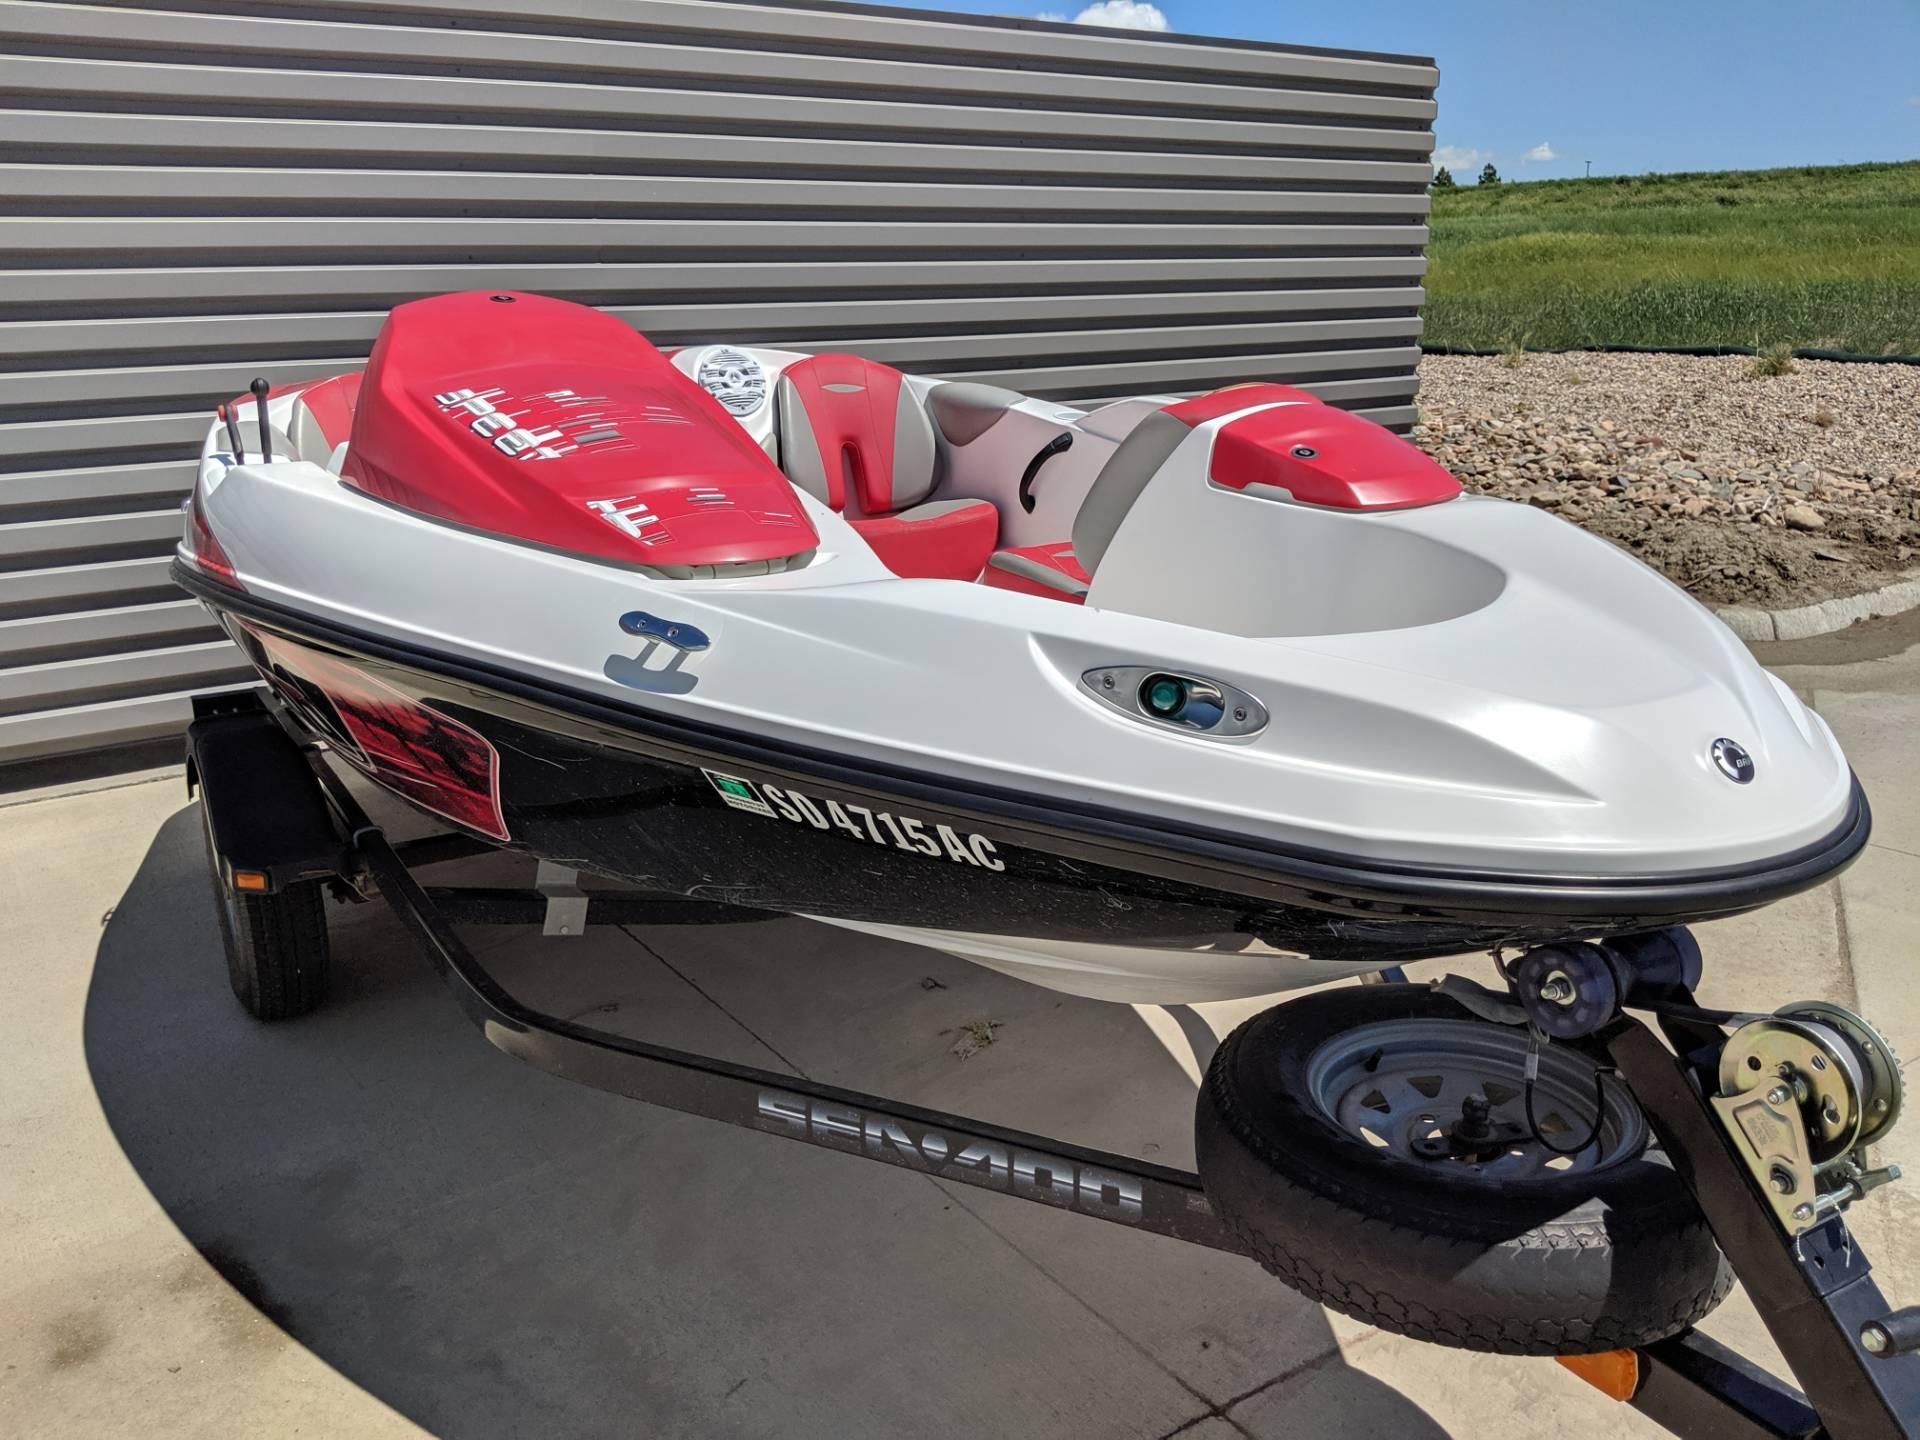 Ski Doo Boat | Upcoming Car Release 2020